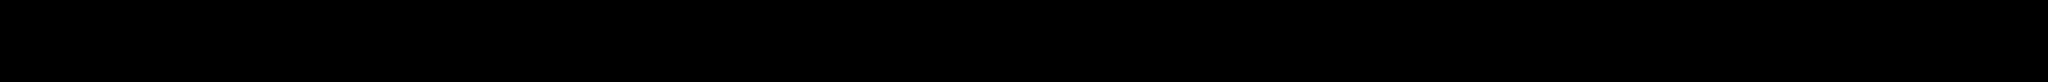 POLGUM Κάλυμμα χώρου αποσκευών / χώρου φόρτωσης